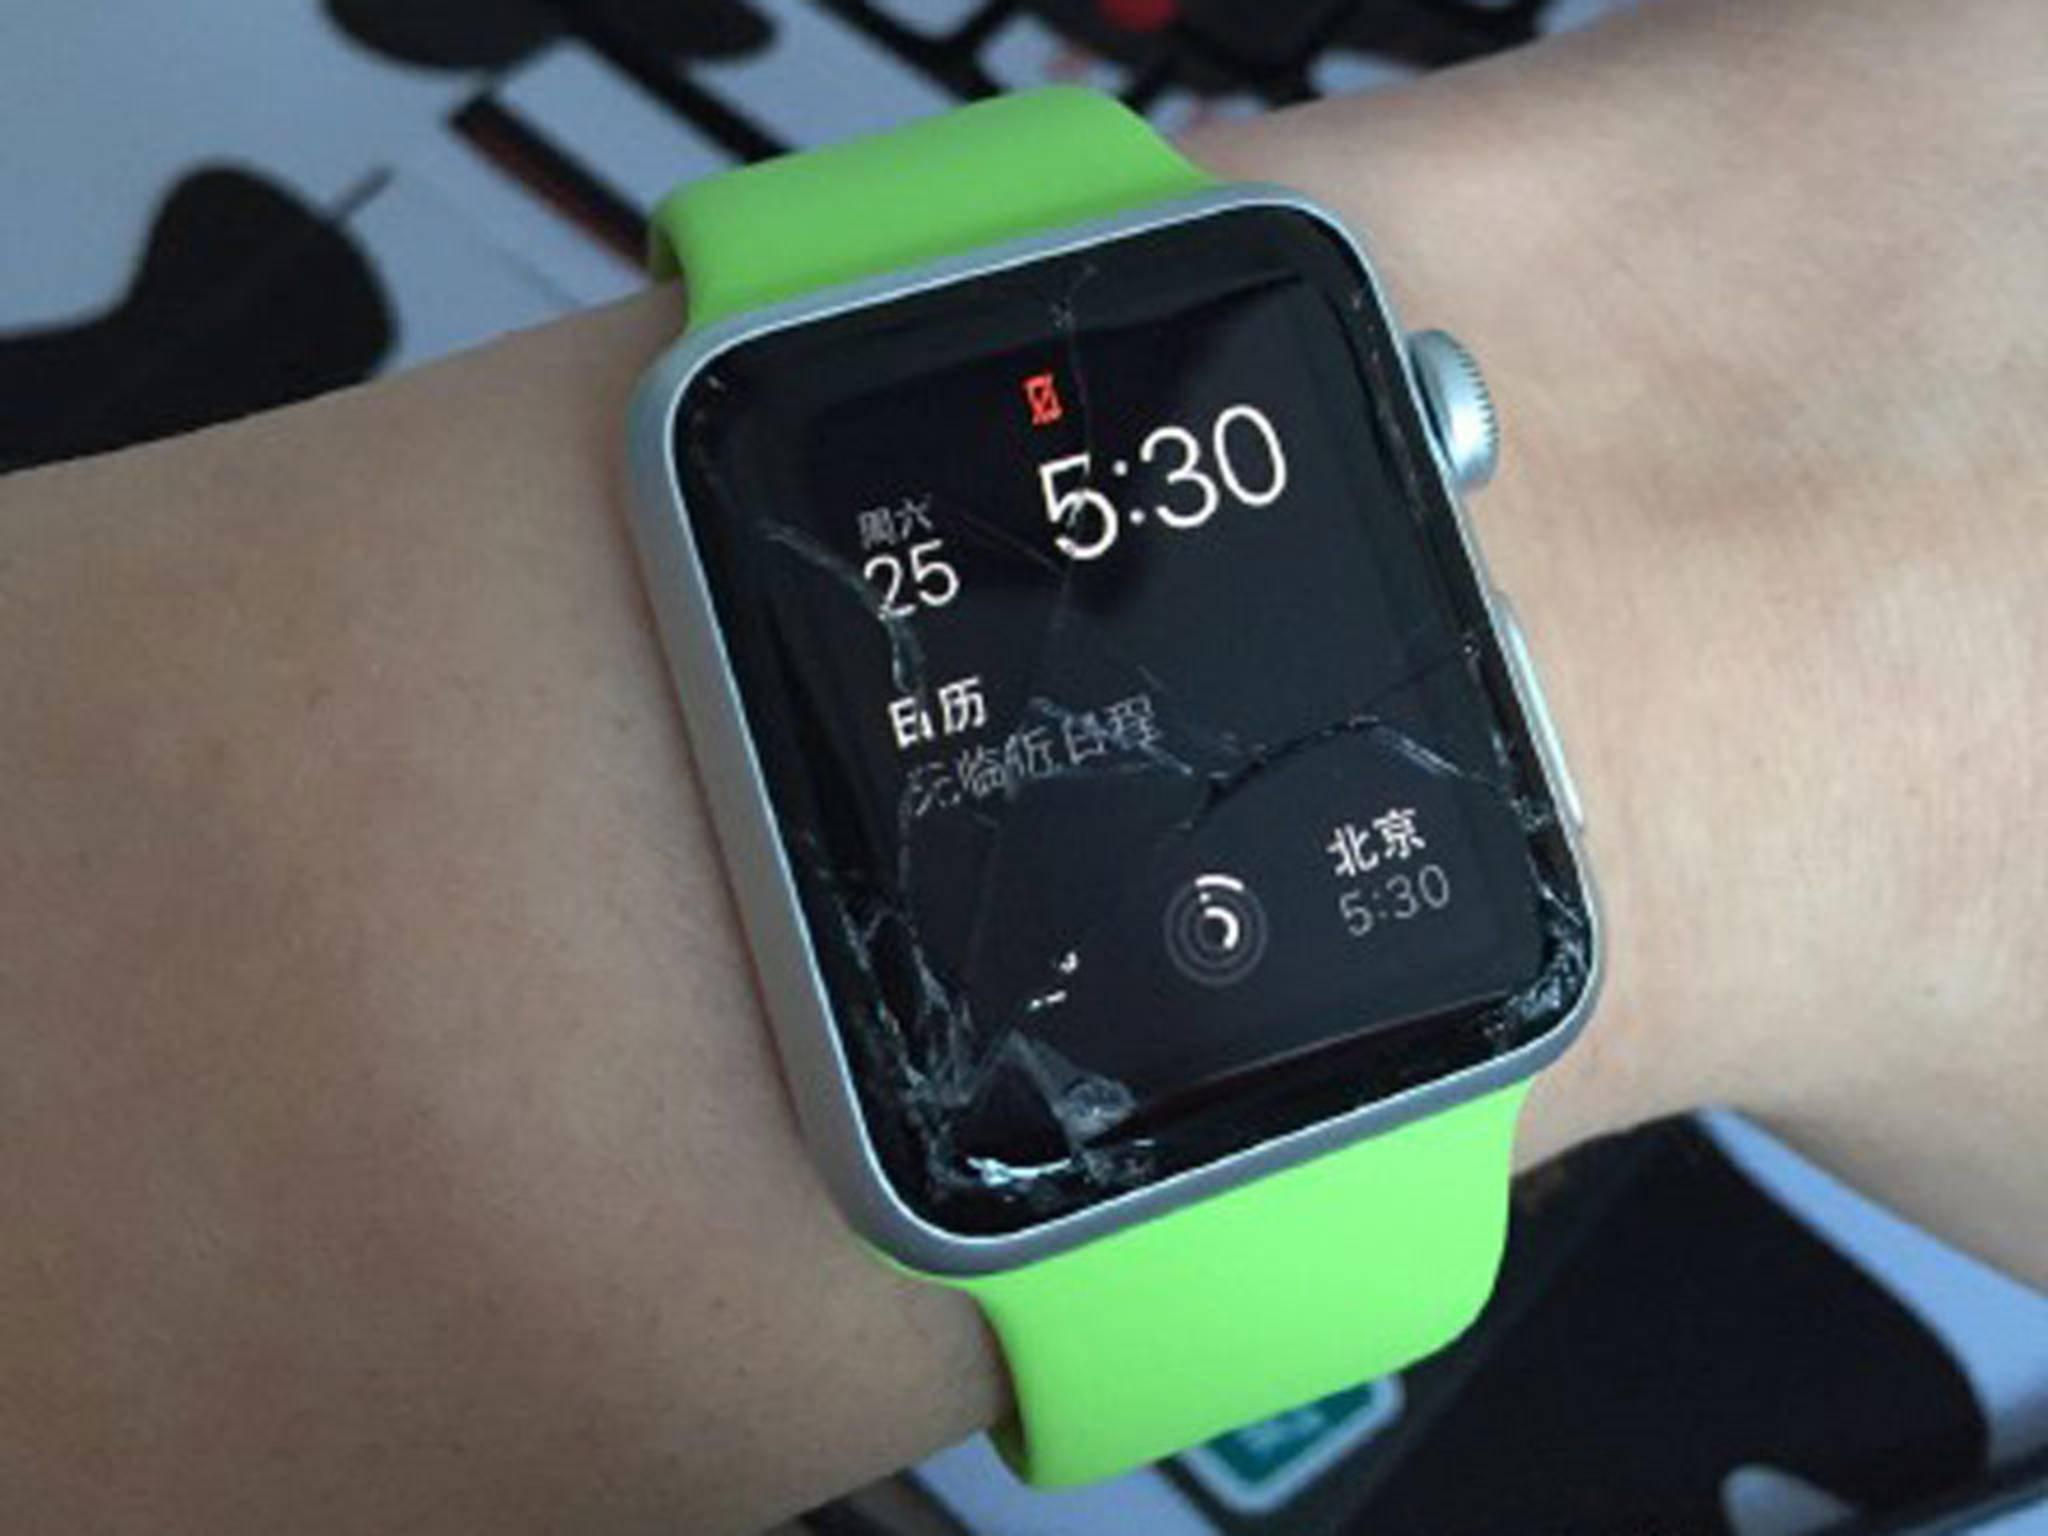 Kaputte Apple Watch: Diese Uhr ist in China beschädigt worden.